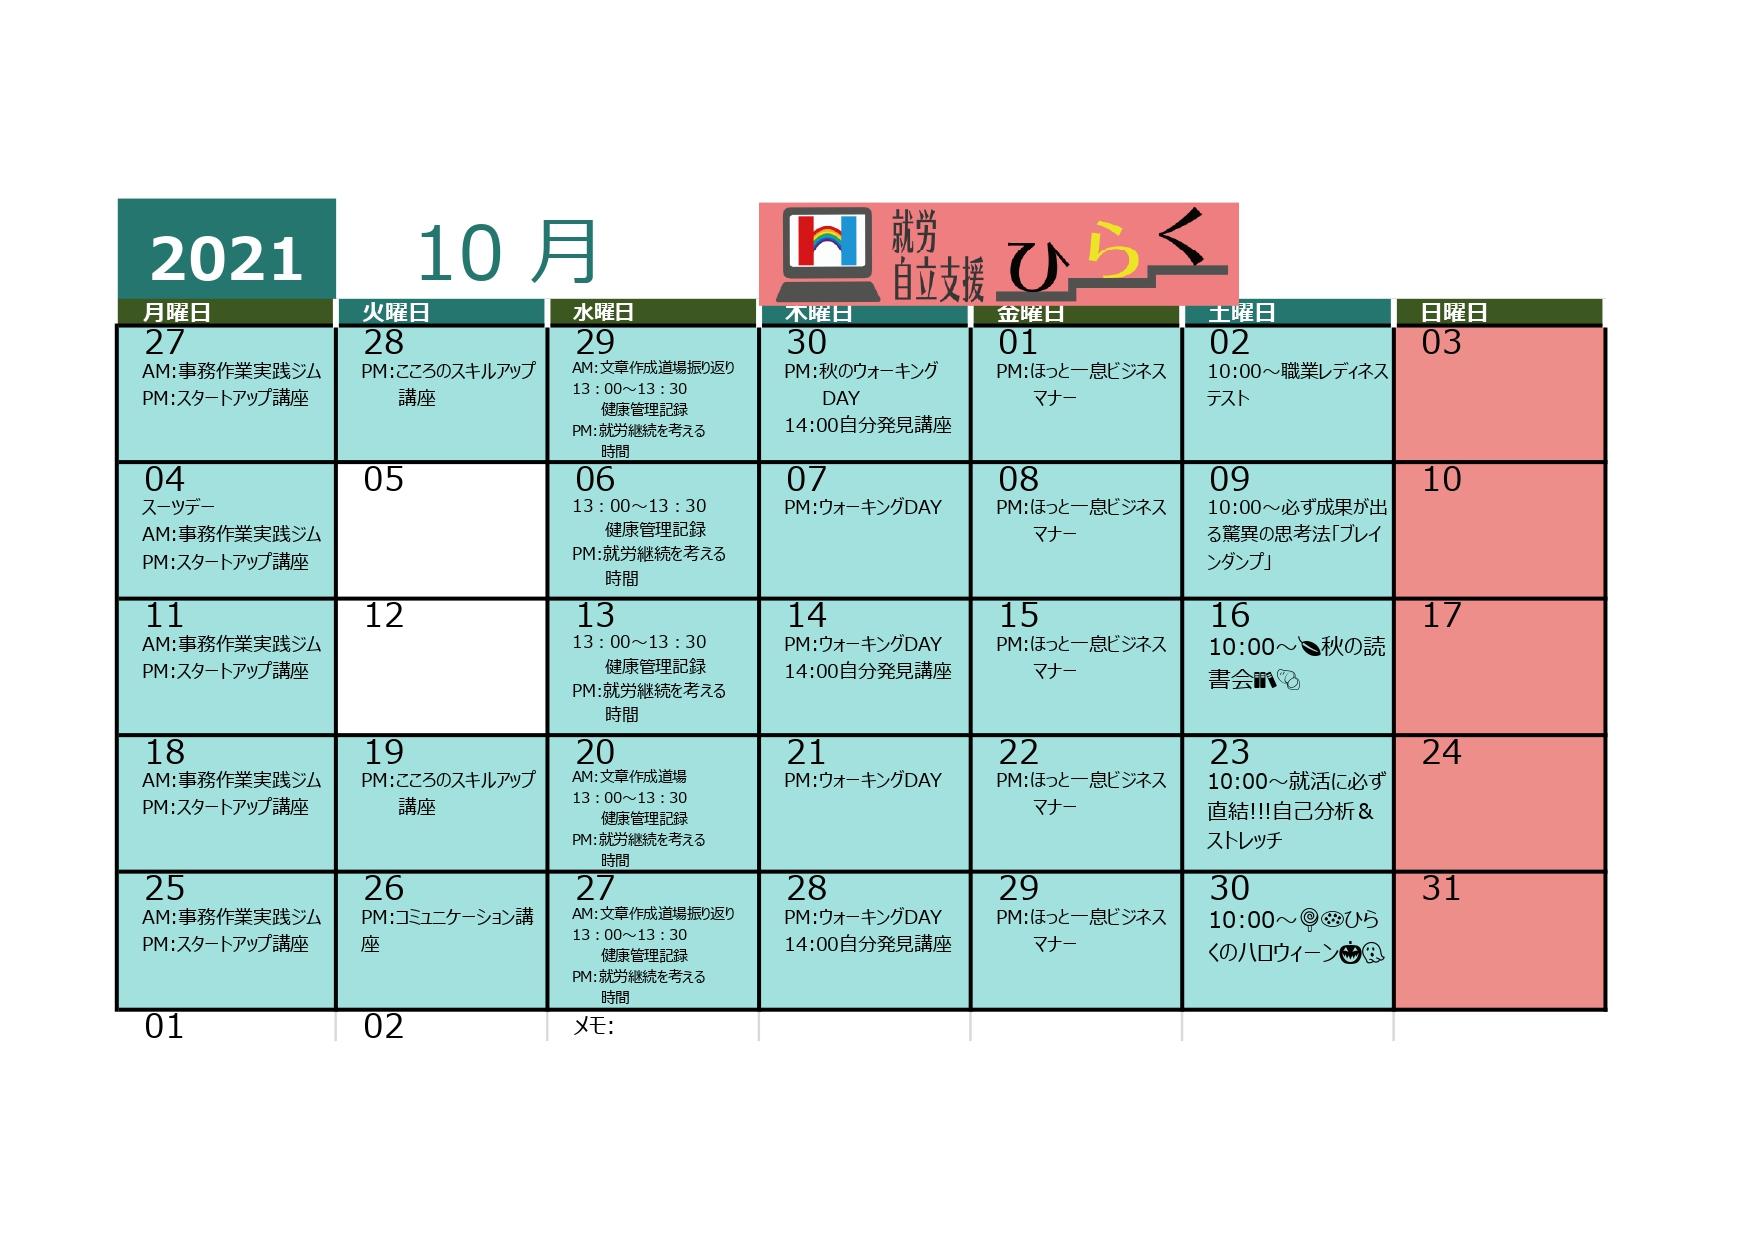 就労・自立支援ひらく10月イベントスケジュール